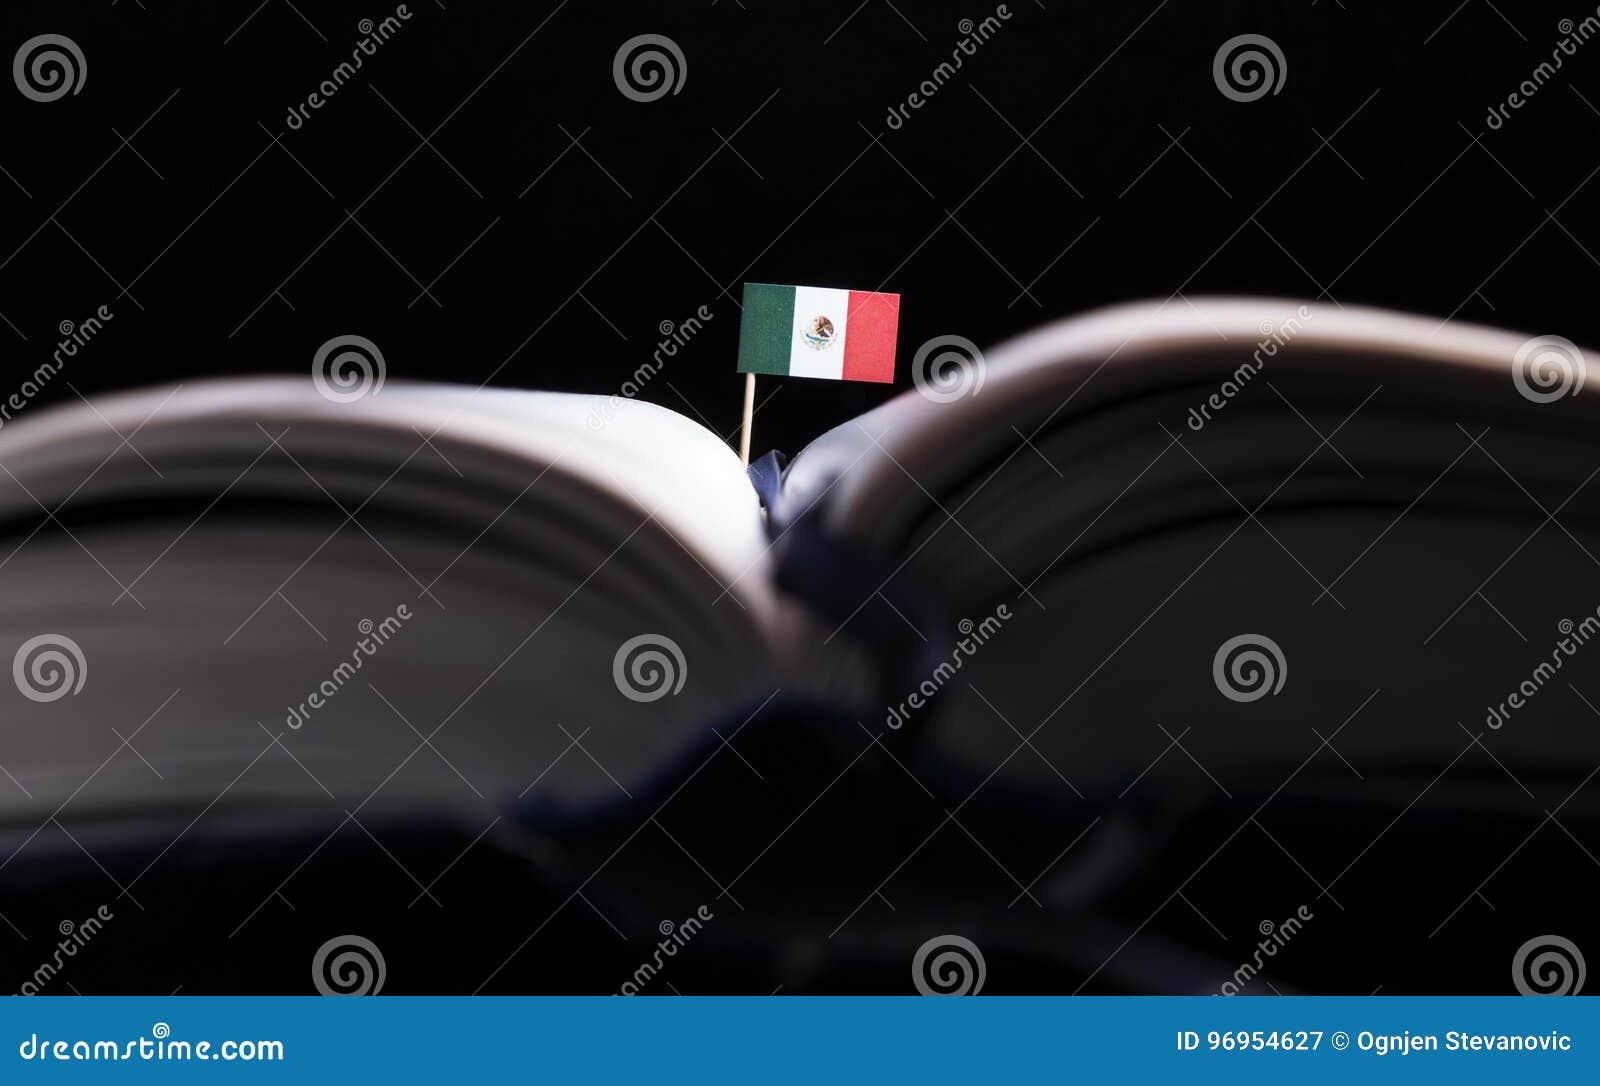 Mexikanische Flagge mitten in dem Buch Wissen und Bildung